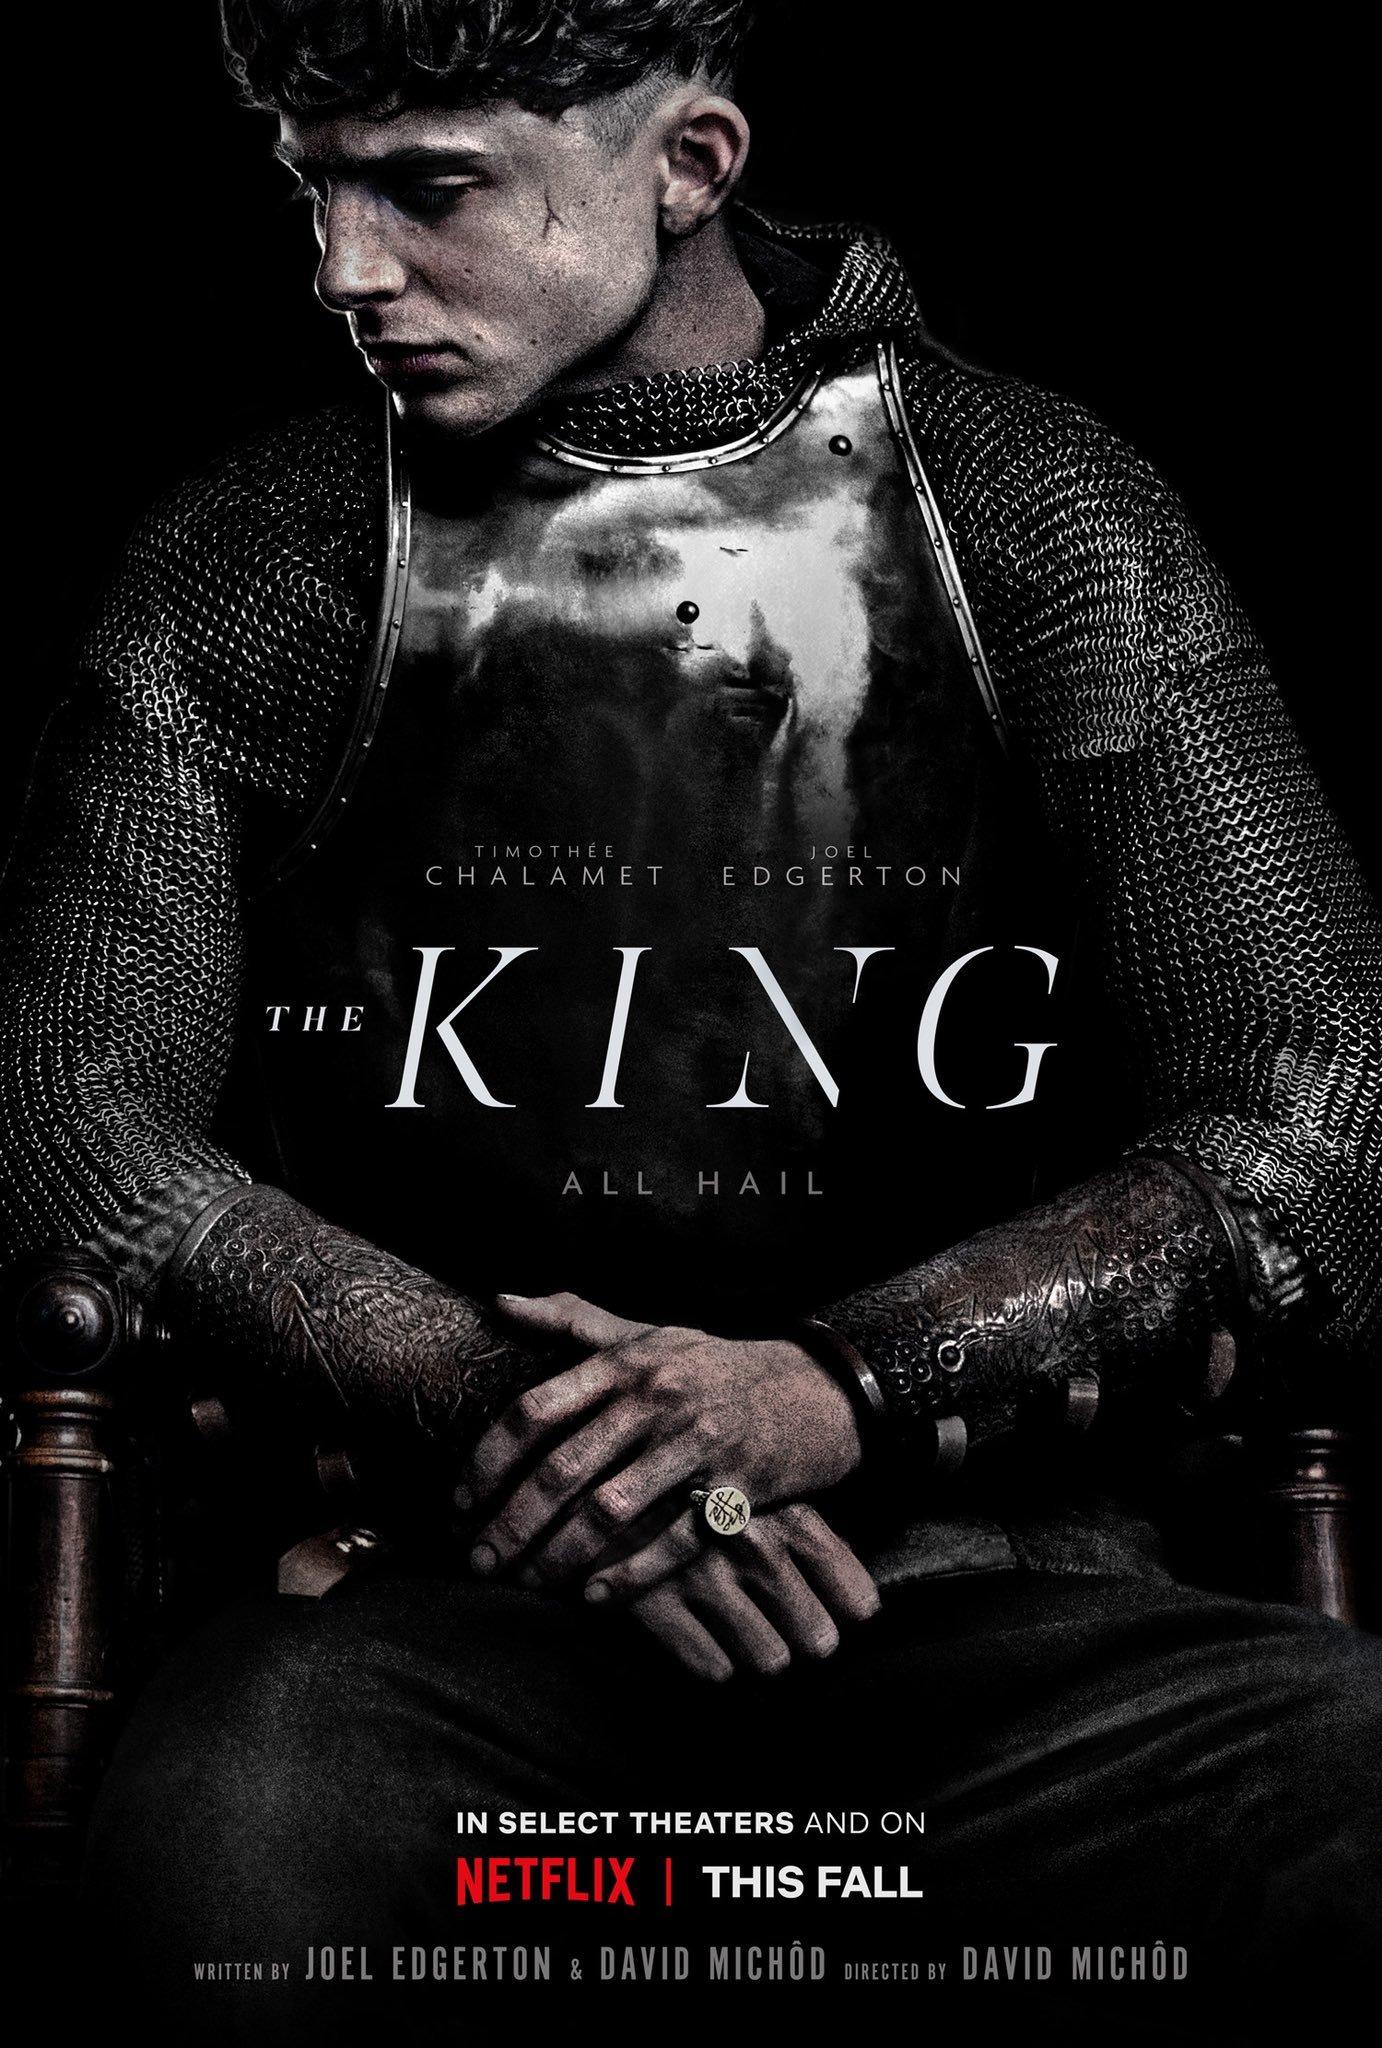 szmk_the_king_v_henrik_netflix_1.jpg